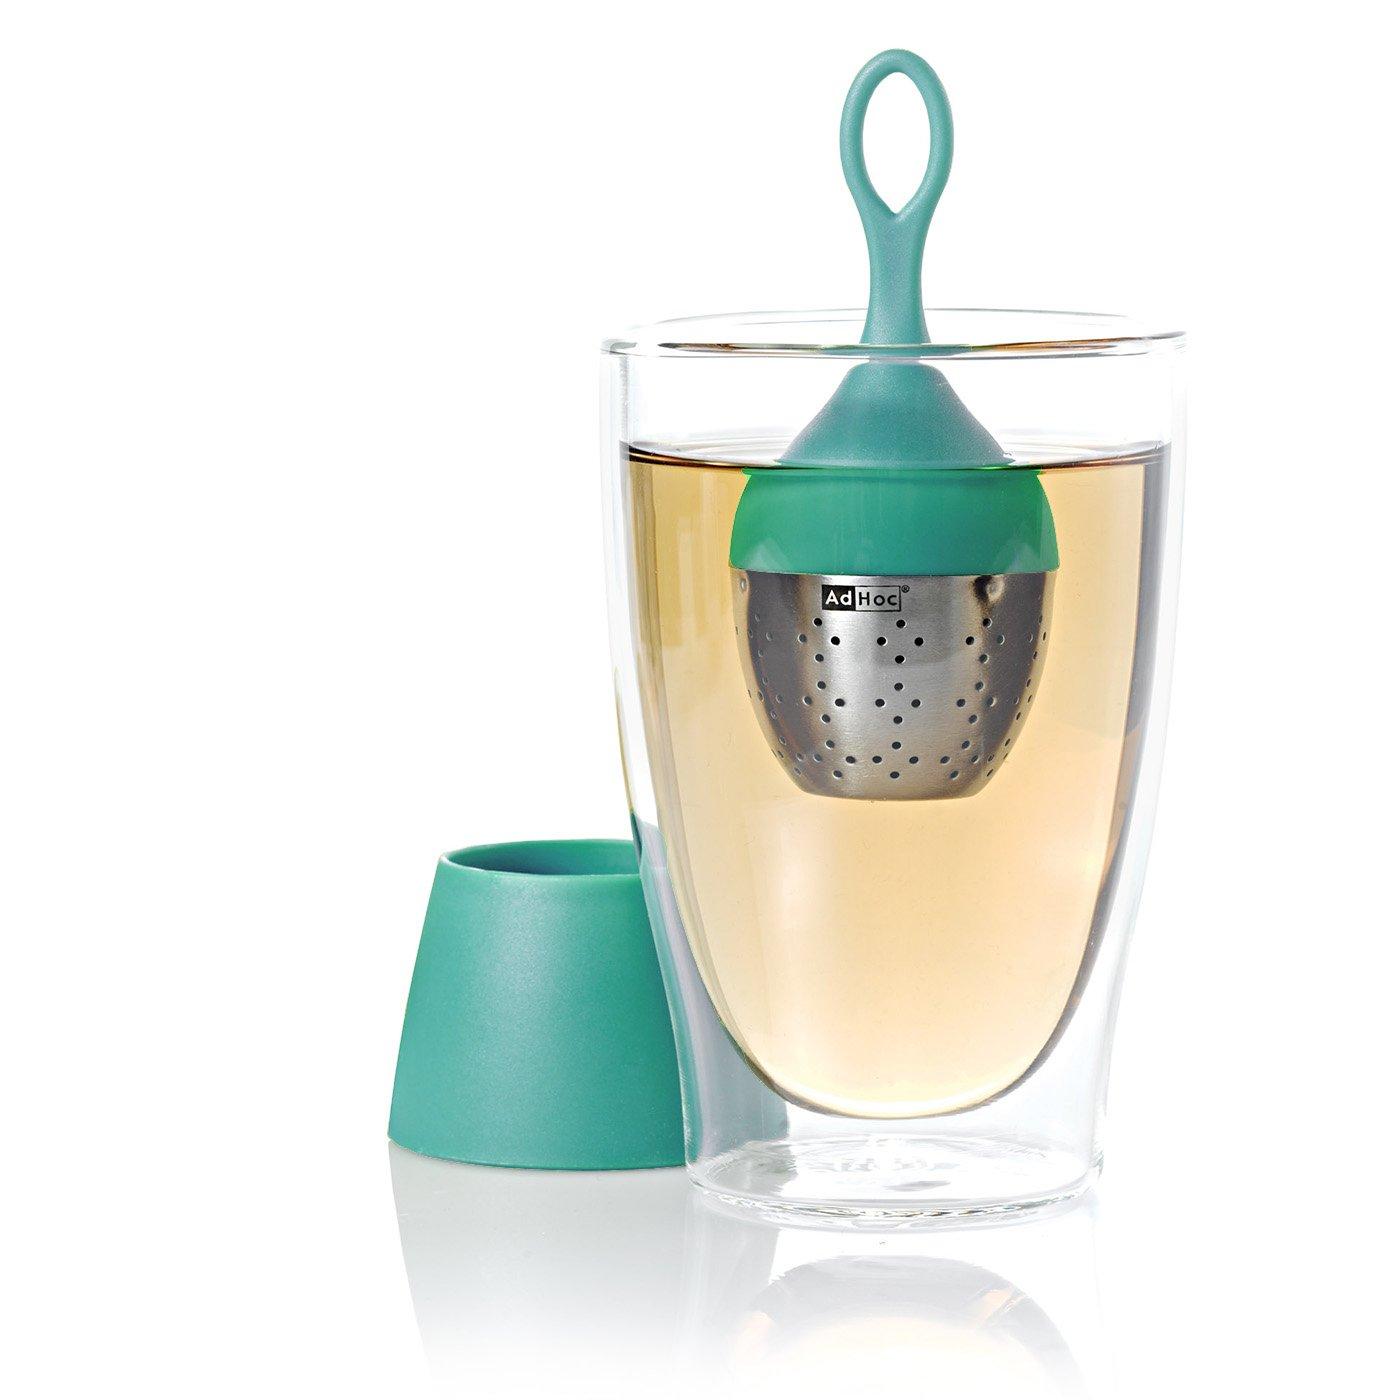 Ad Hoc Floatea Floating Tea Infuser, Turquoise